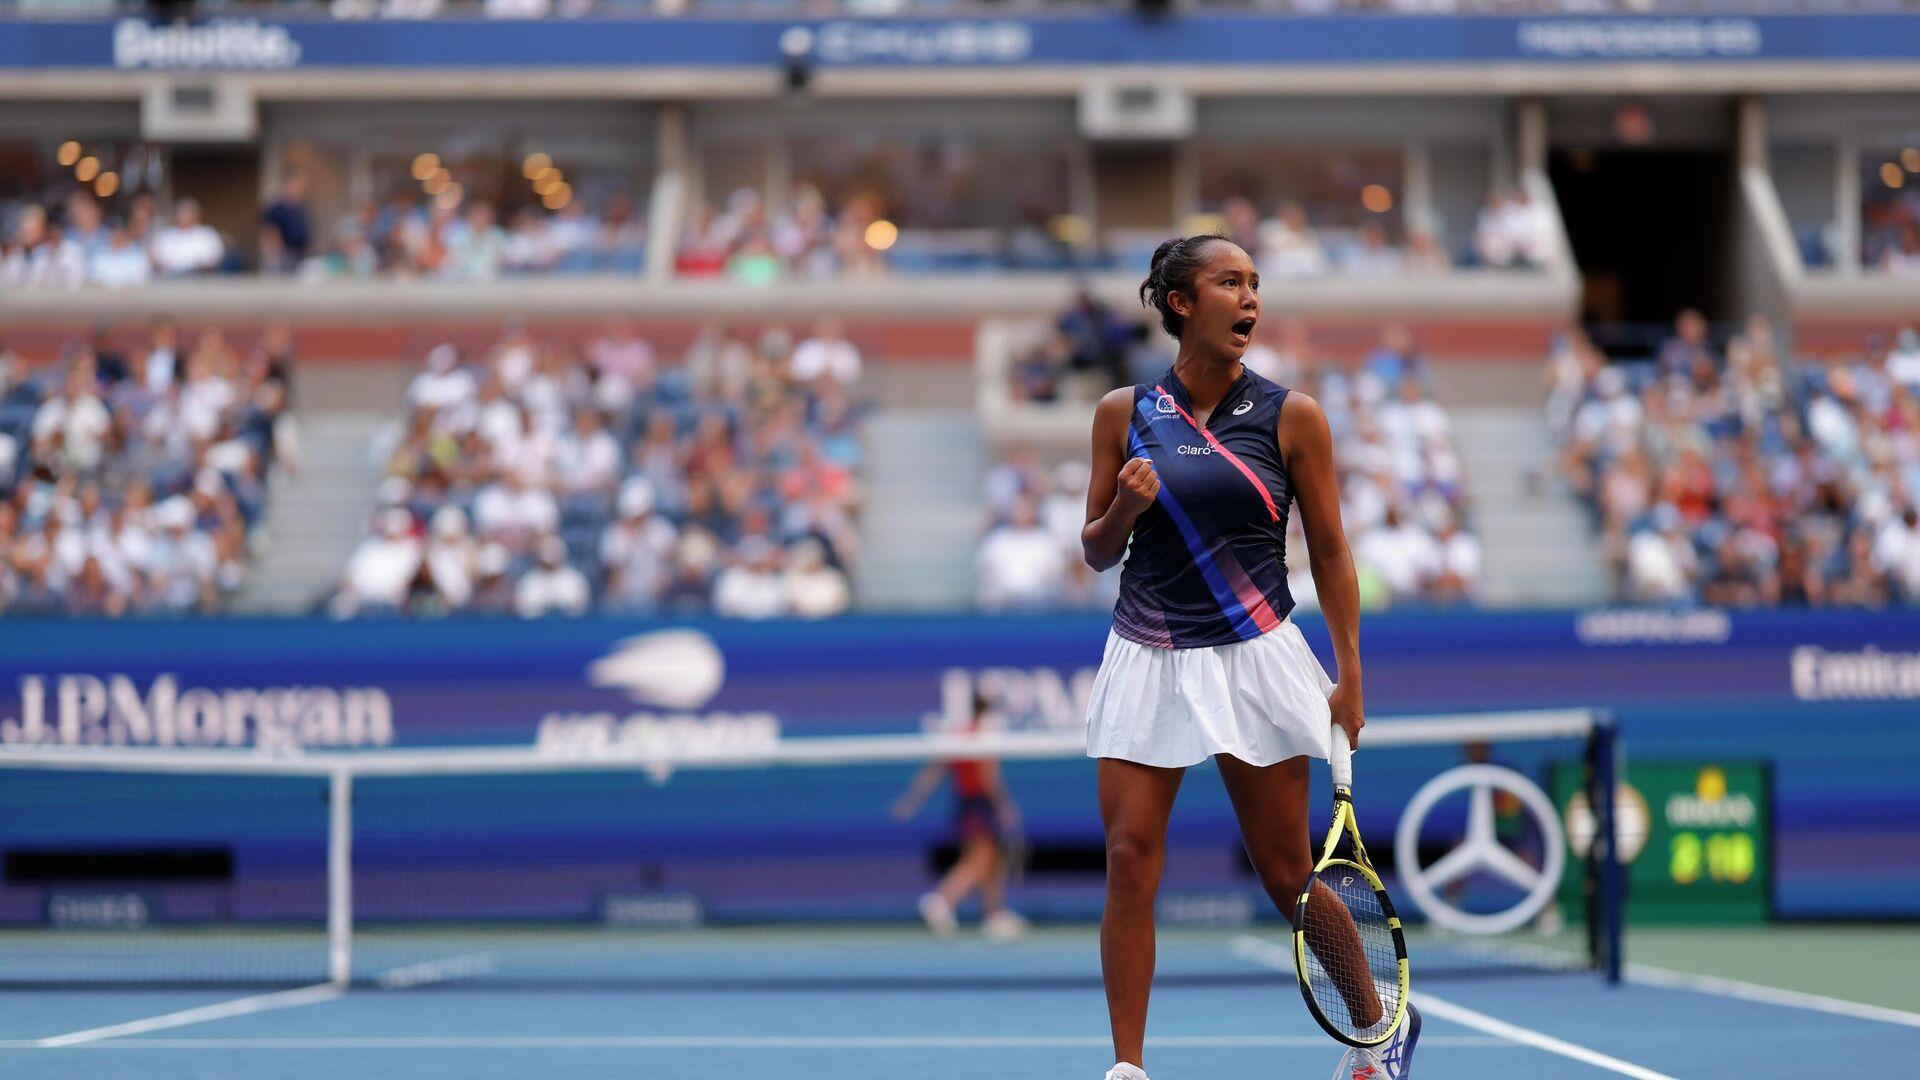 Впервые с 1999 года в финал турнира Большого шлема вышли теннисистки младше 20 лет